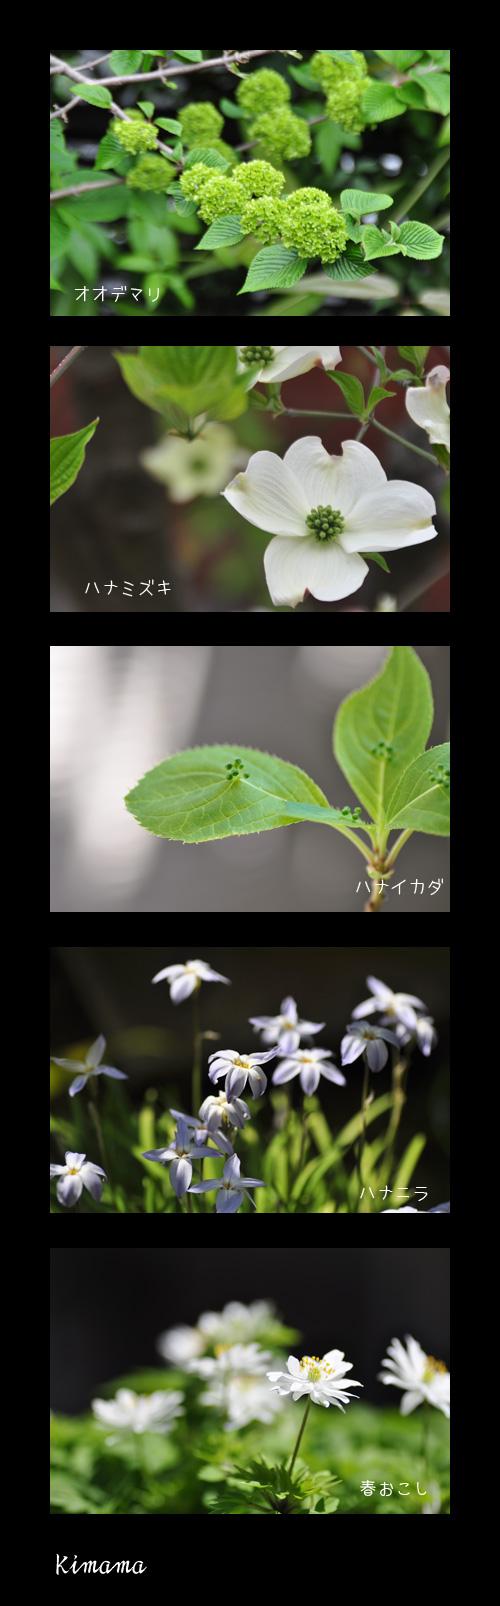 4月22日庭の花2